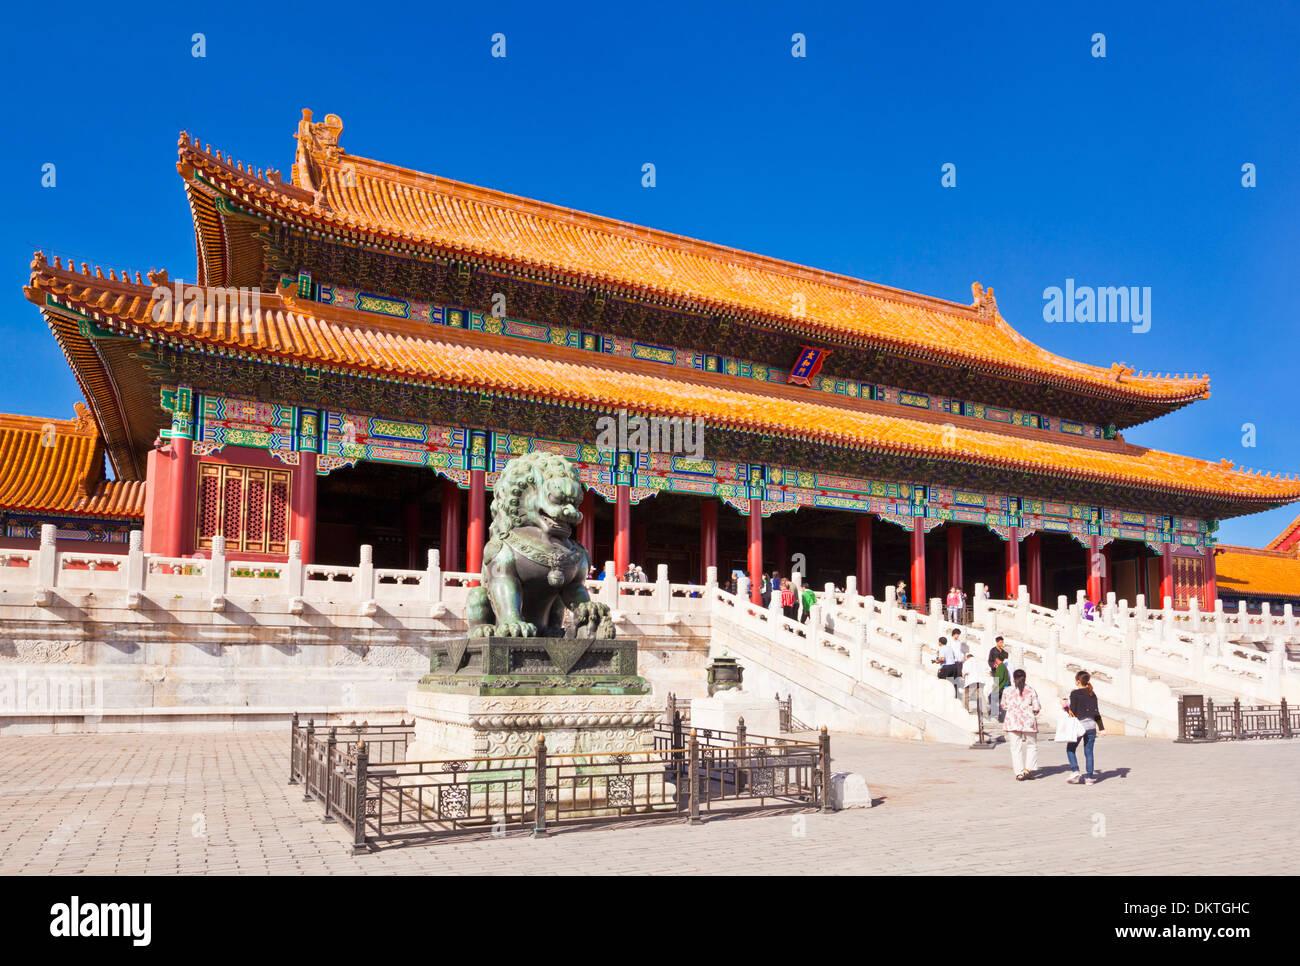 Macho león de bronce en la puerta de la Armonía Suprema Corte Exterior Ciudad Prohibida Beijing, República Popular de China China Asia Imagen De Stock